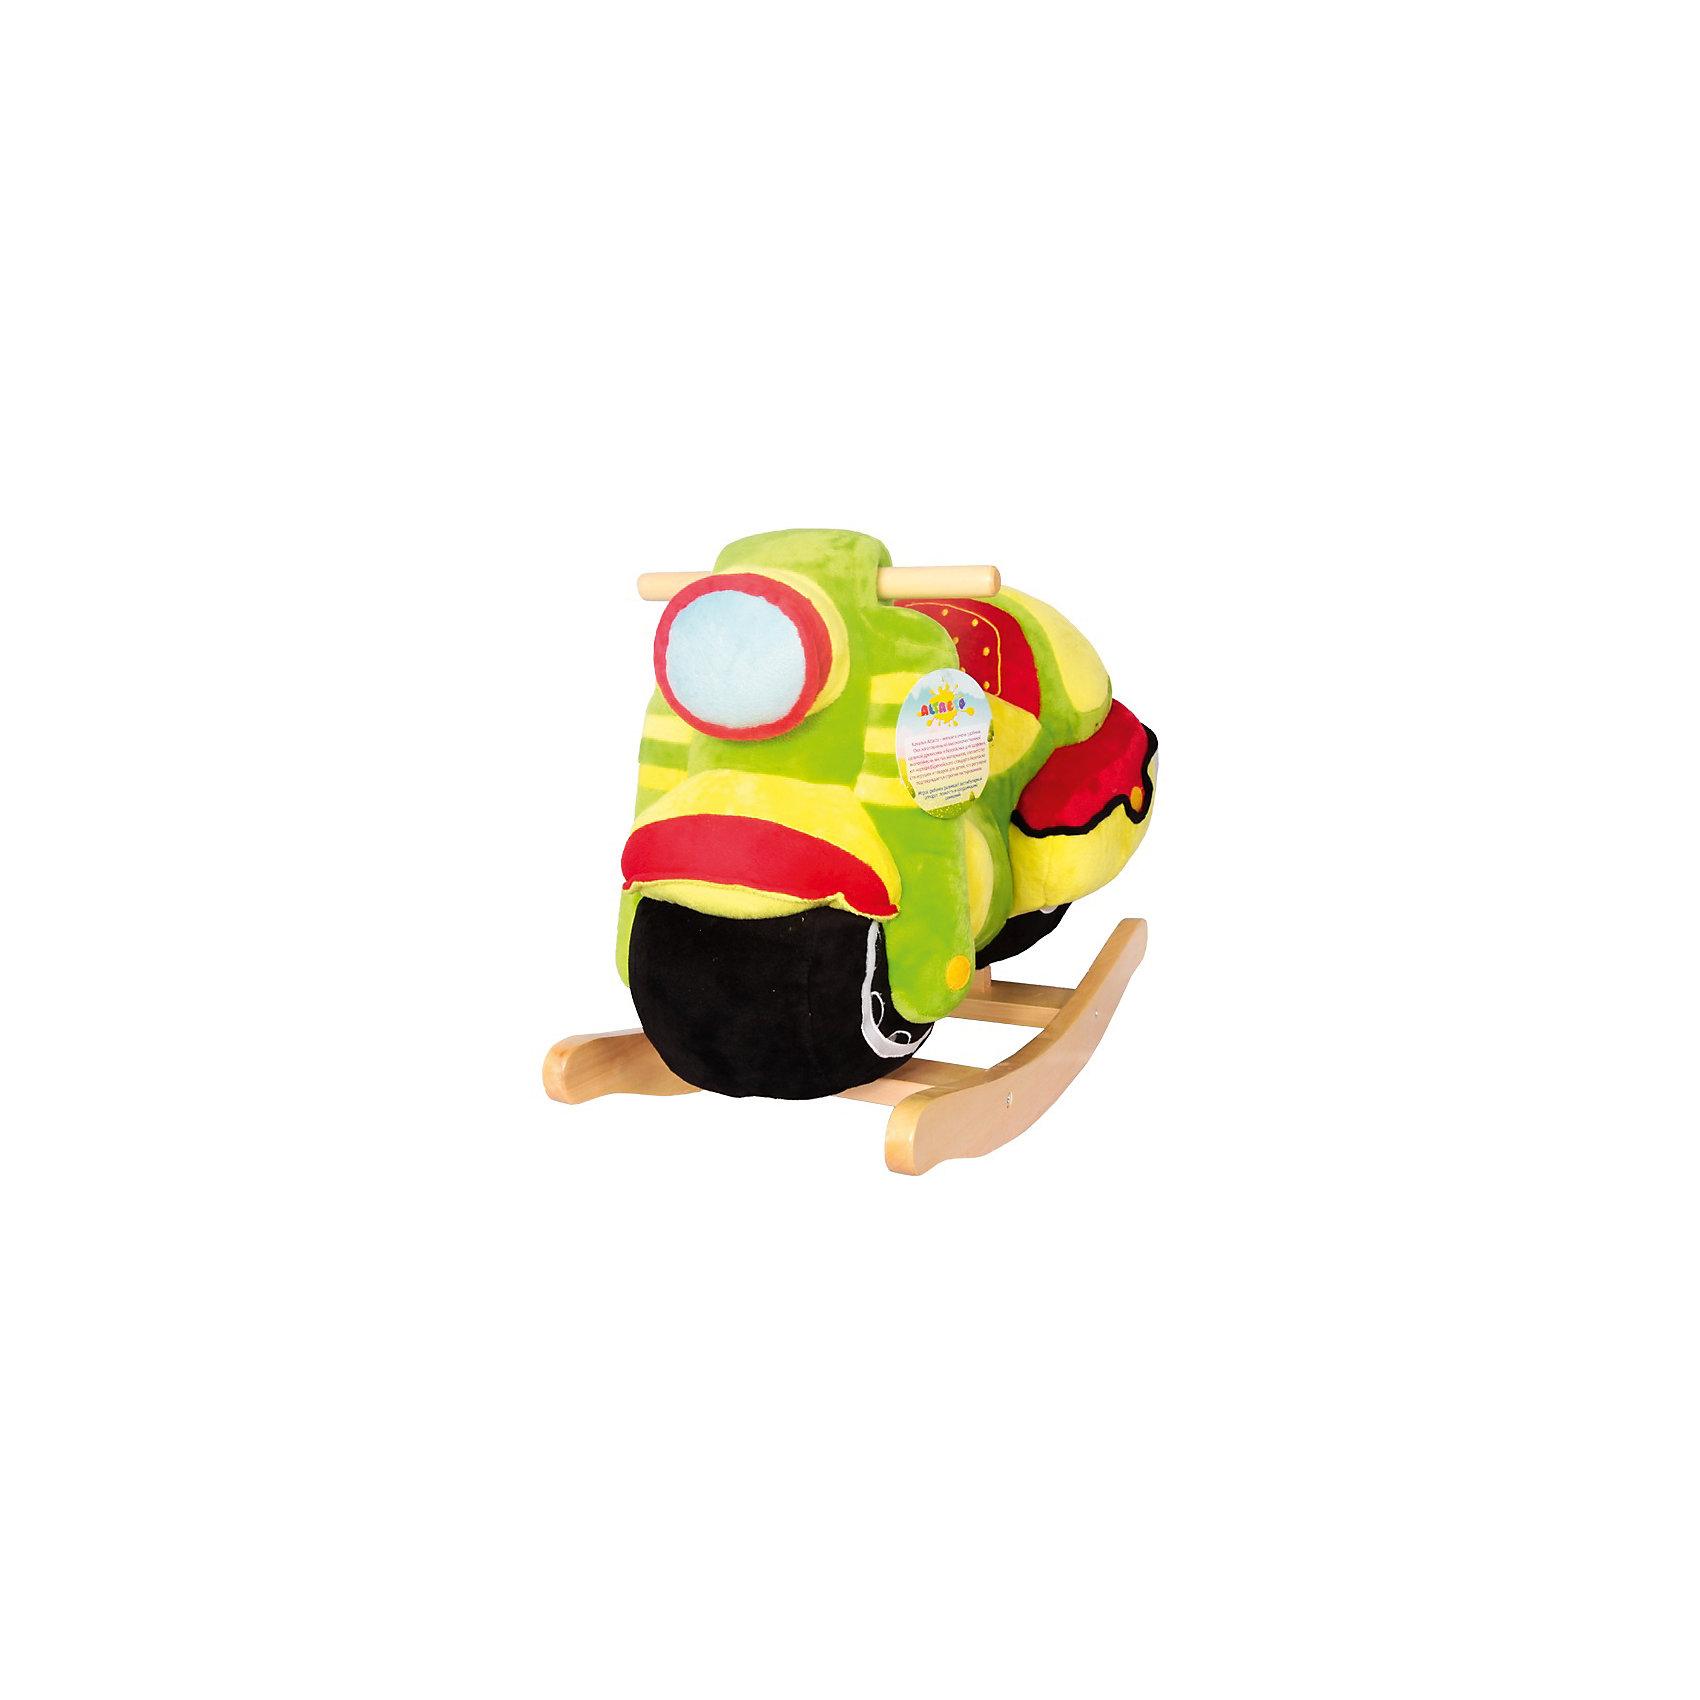 Altacto Качалка Мотоцикл, Altacto игрушка altacto малыш динозавр 60ml alt0401 102